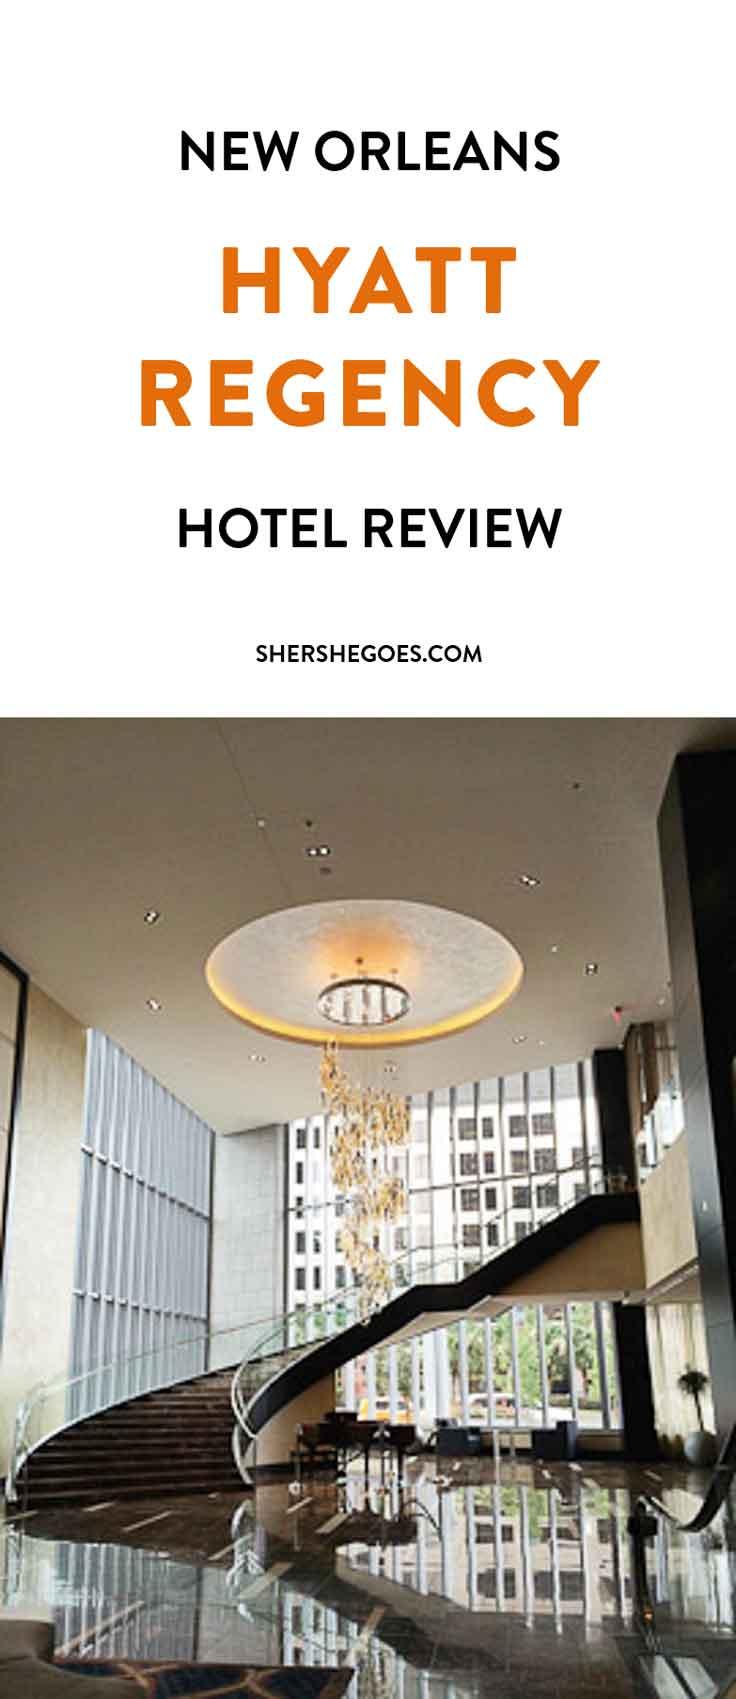 New-Orleans-Hyatt-Regency-hotel-review-shershegoes